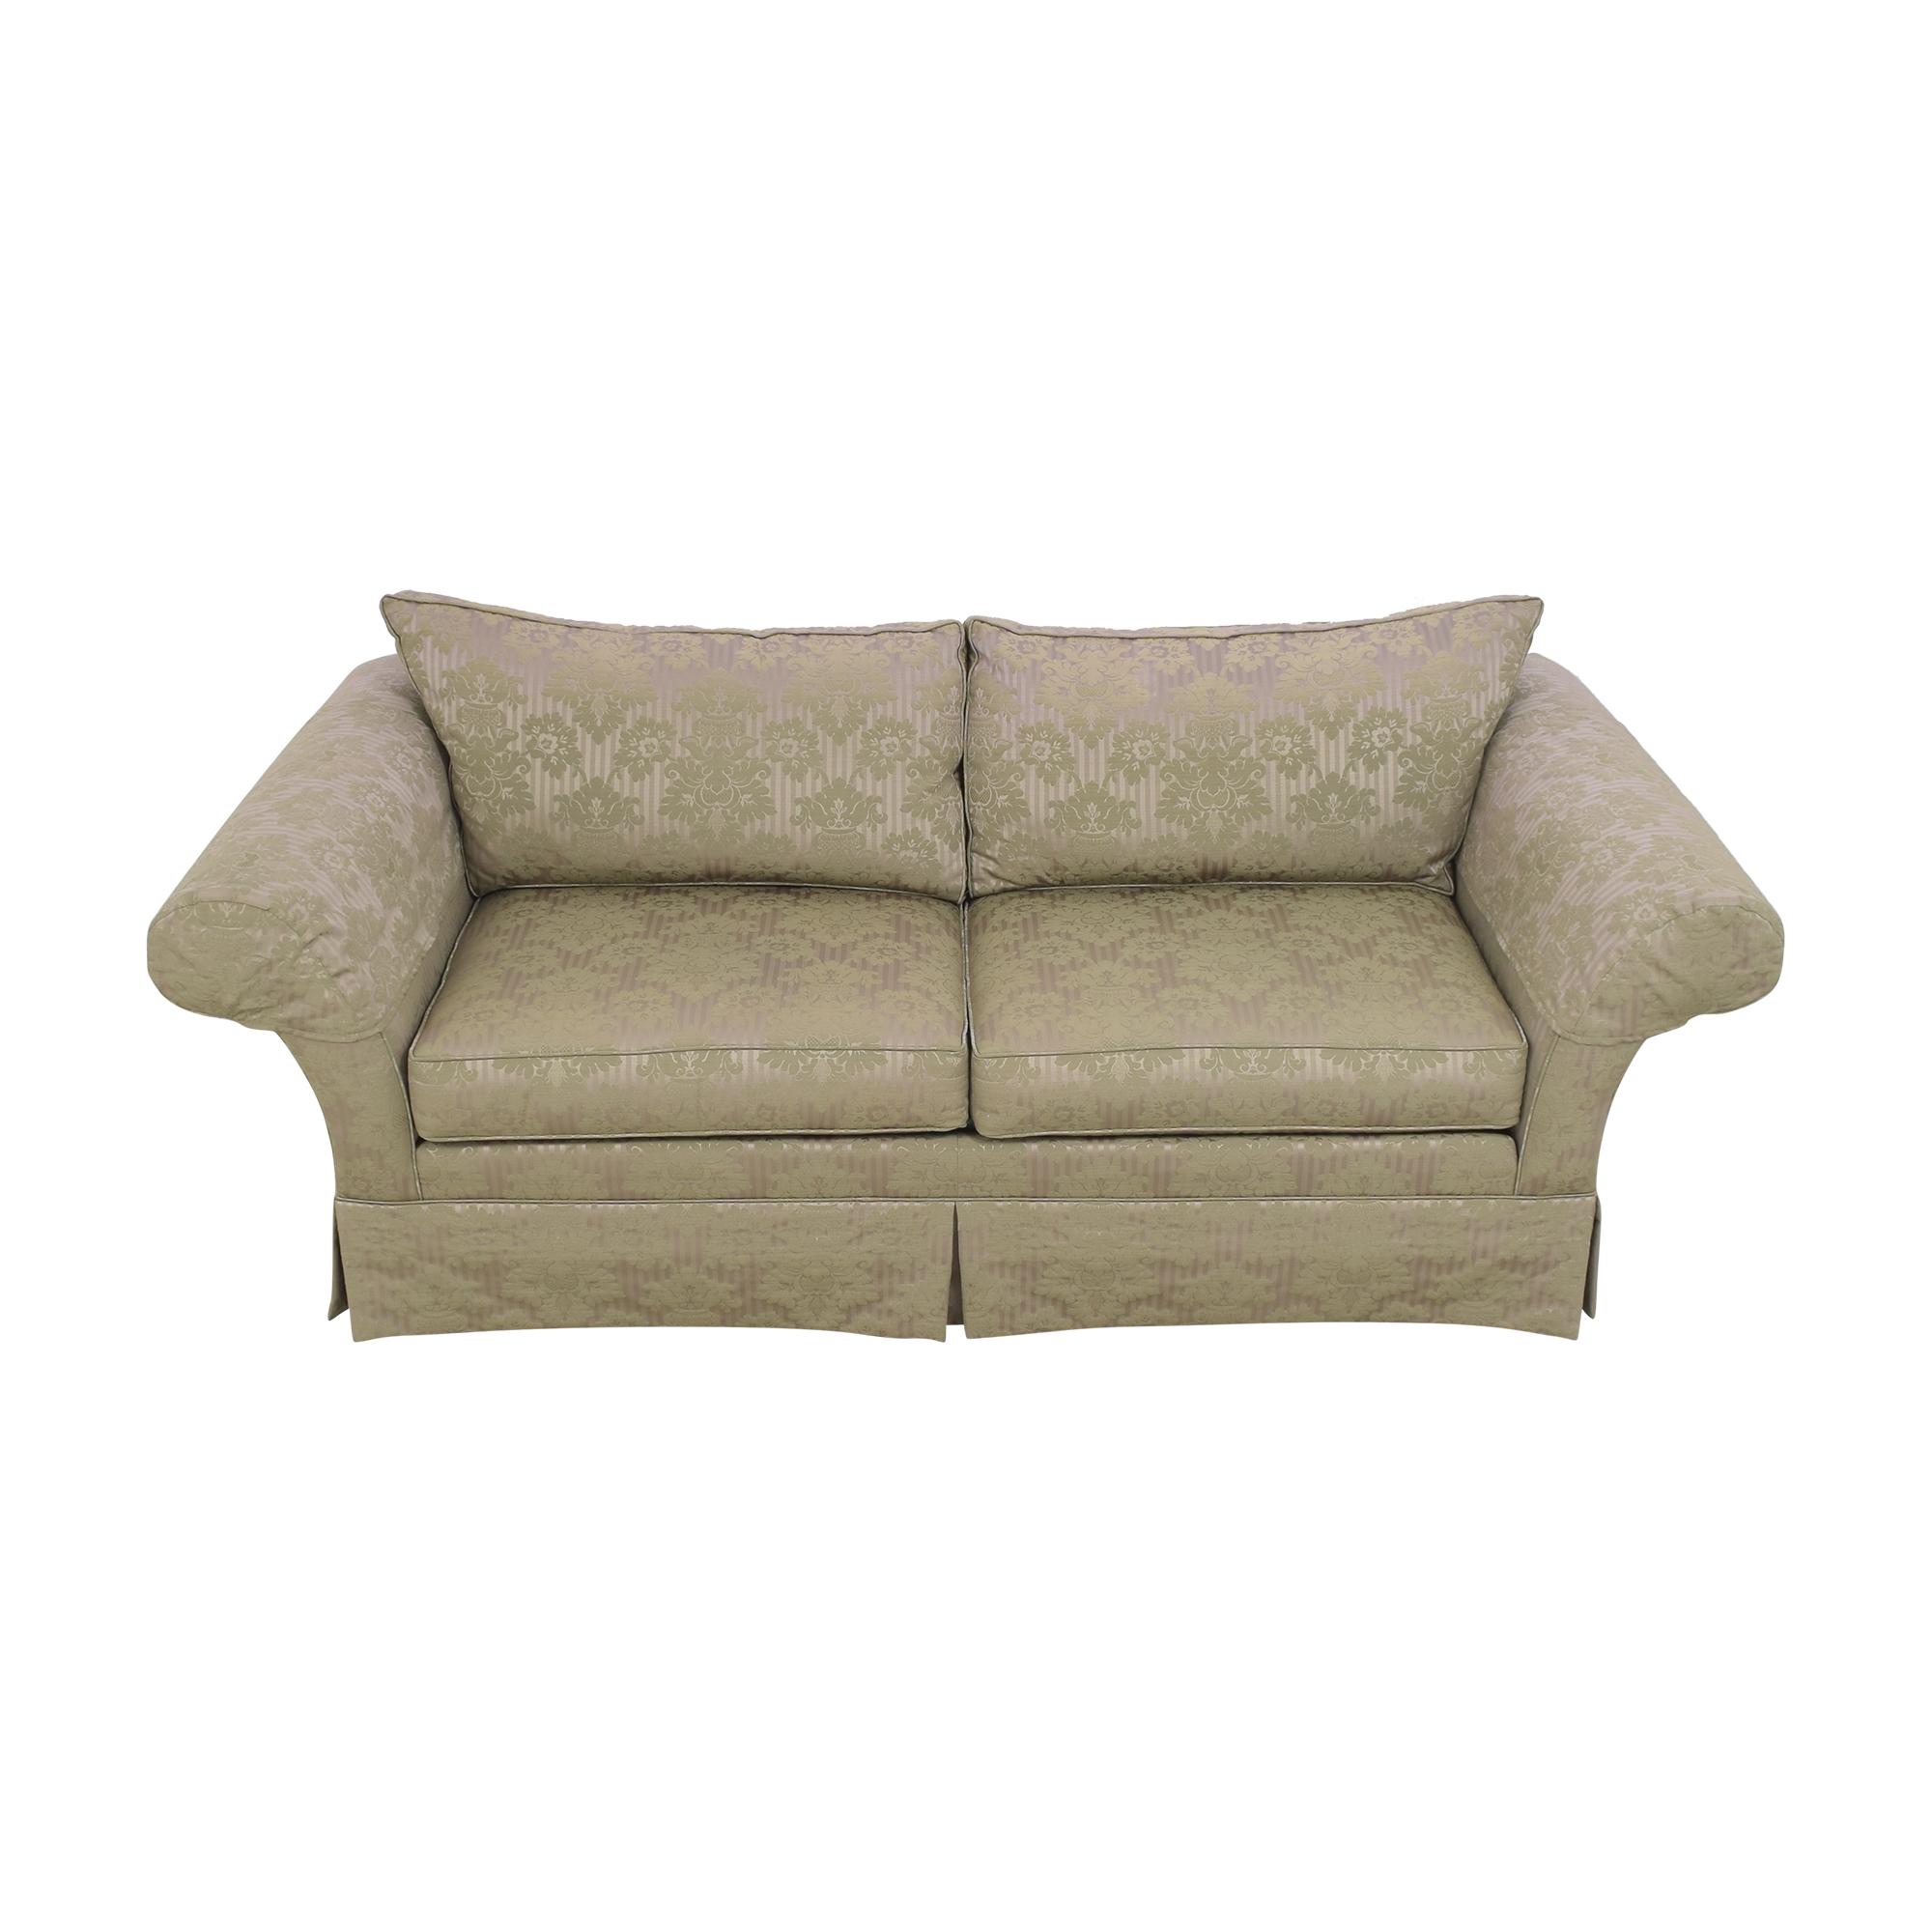 buy Ethan Allen Two Cushion Roll Arm Sofa Ethan Allen Sofas